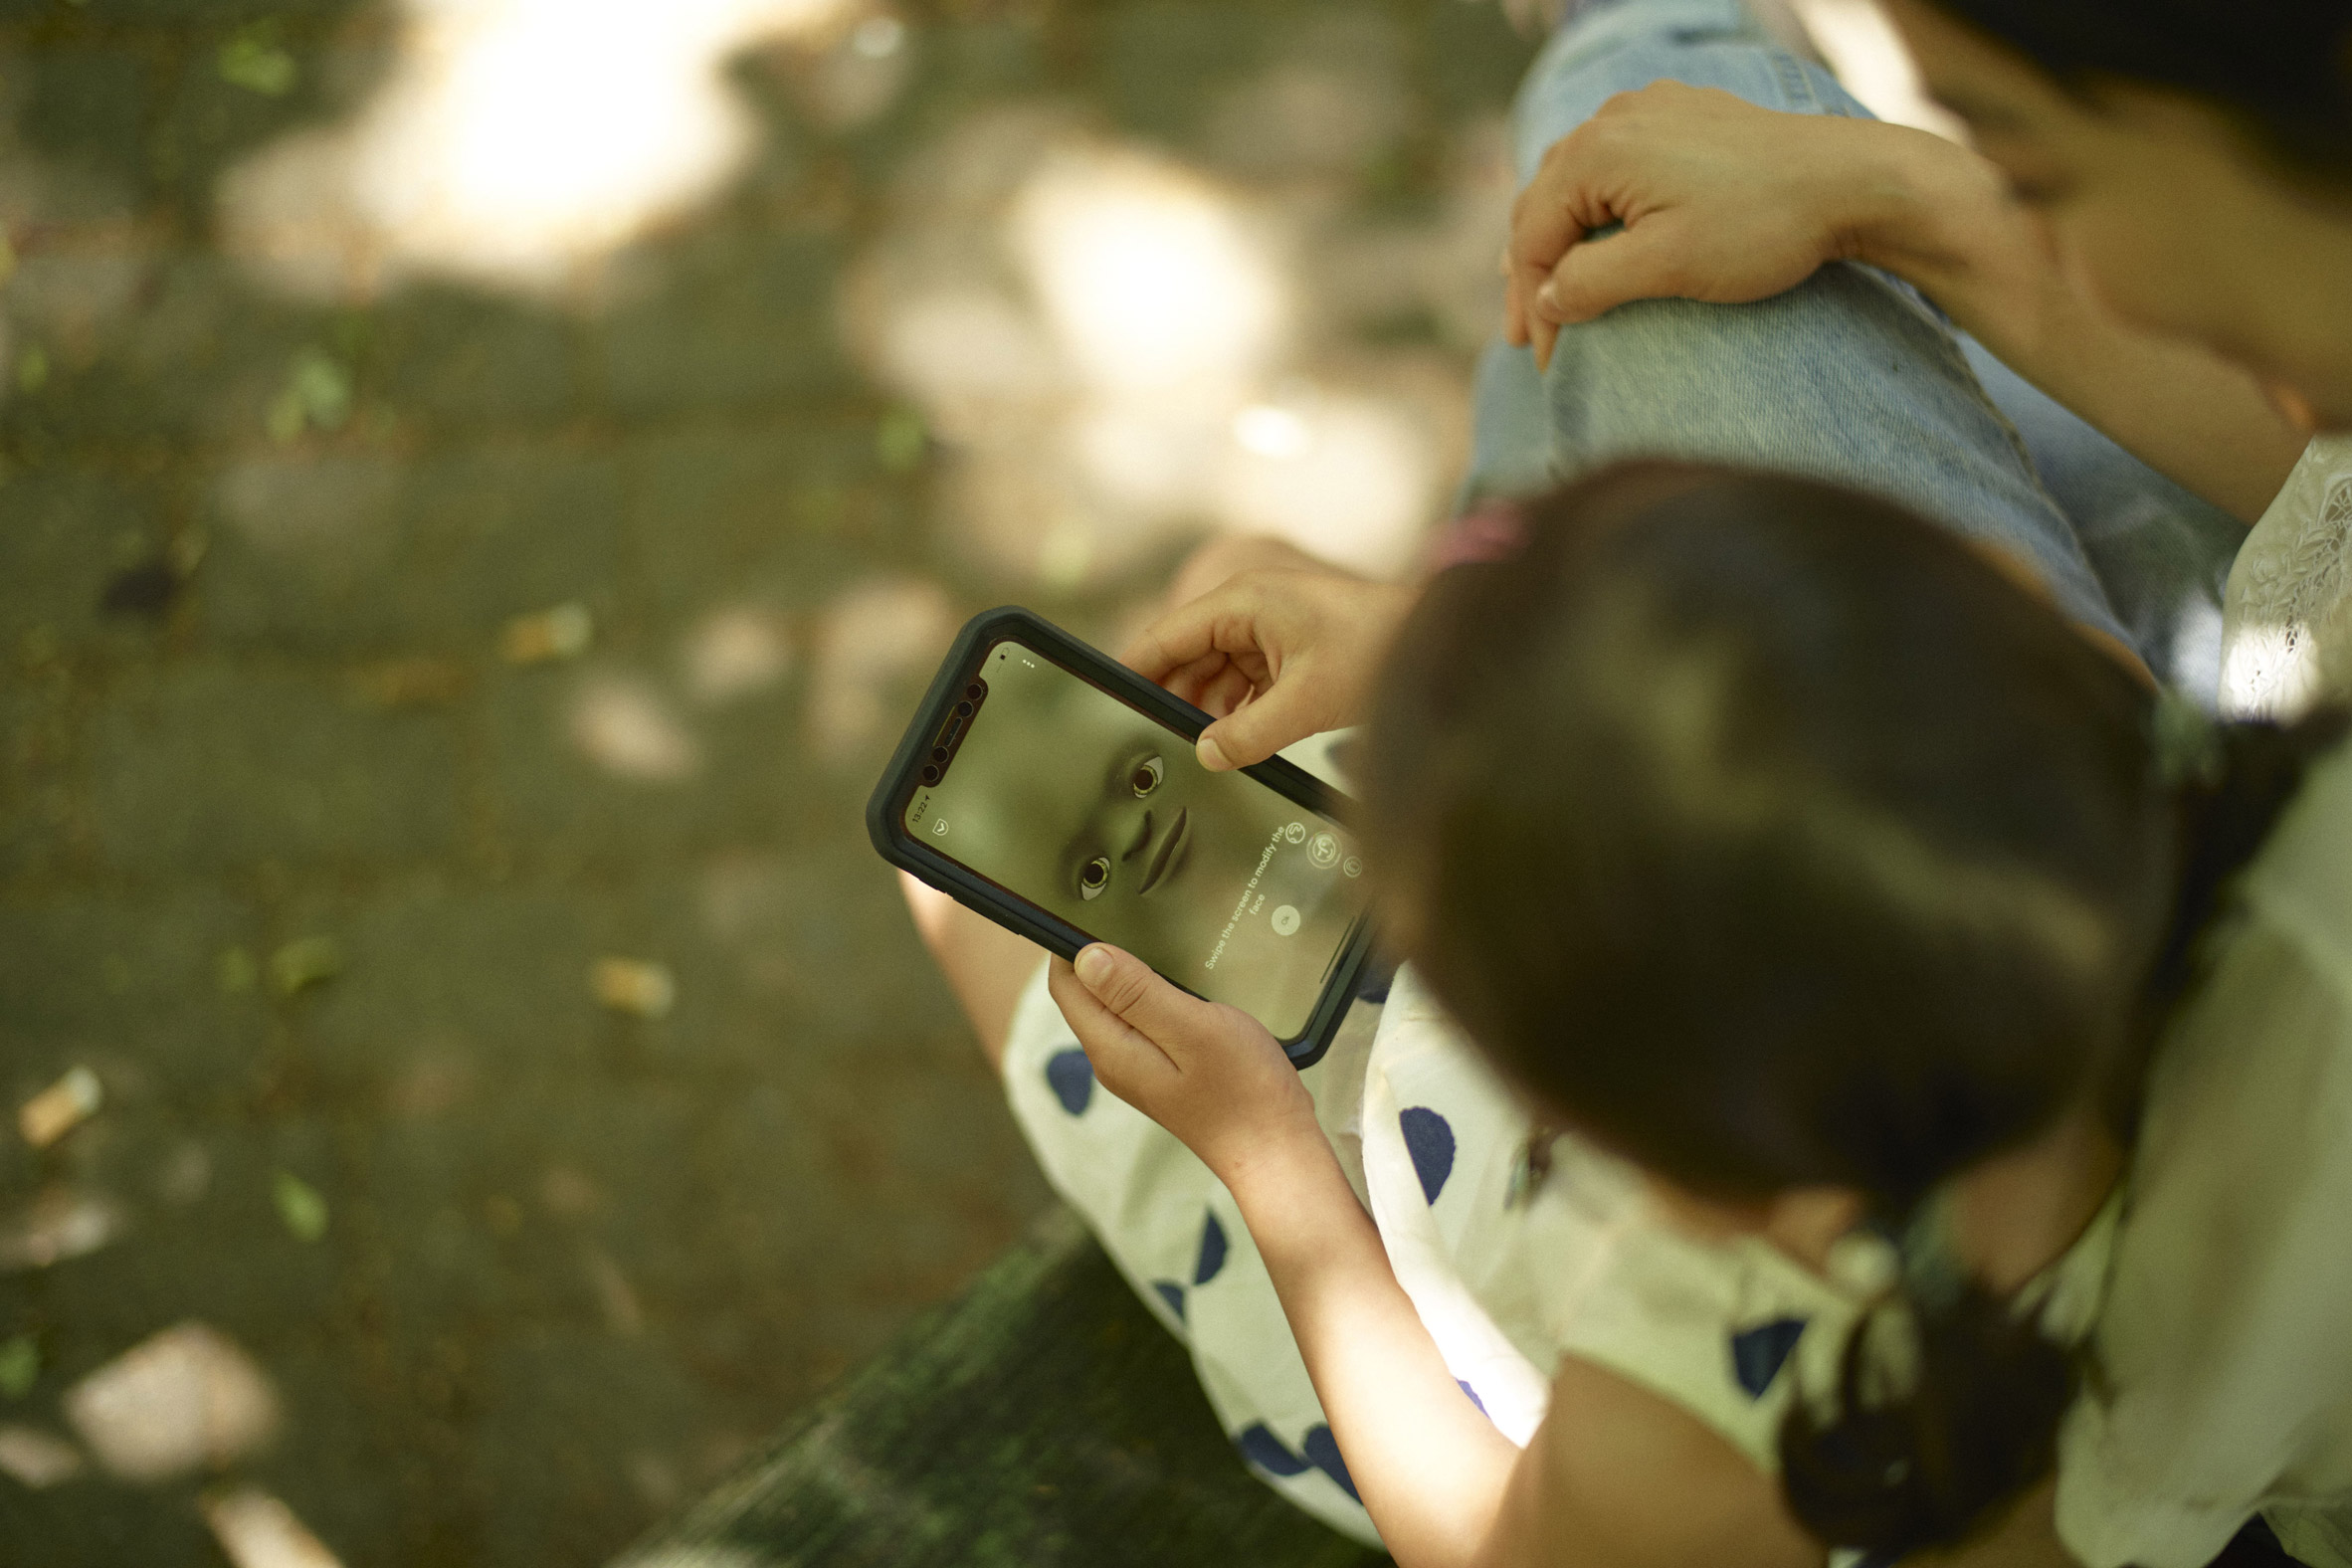 Olafur Eliasson's AR Earth Speakr app lets children speak up for the planet